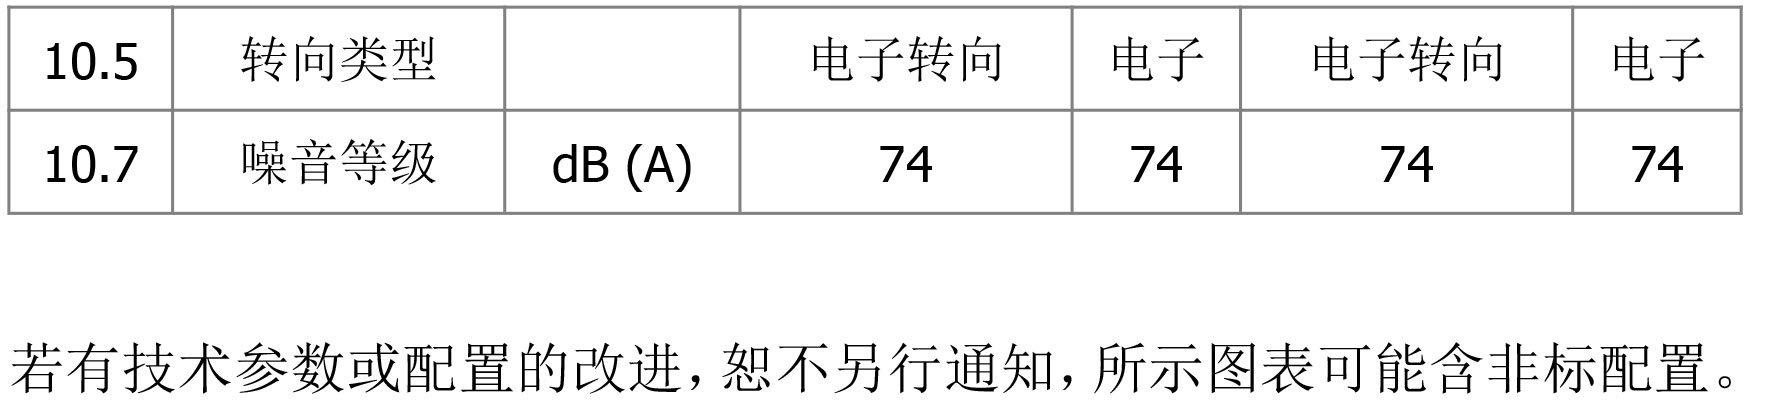 %E6%A0%87%E5%87%86%E5%8F%82%E6%95%B0-3.jpg